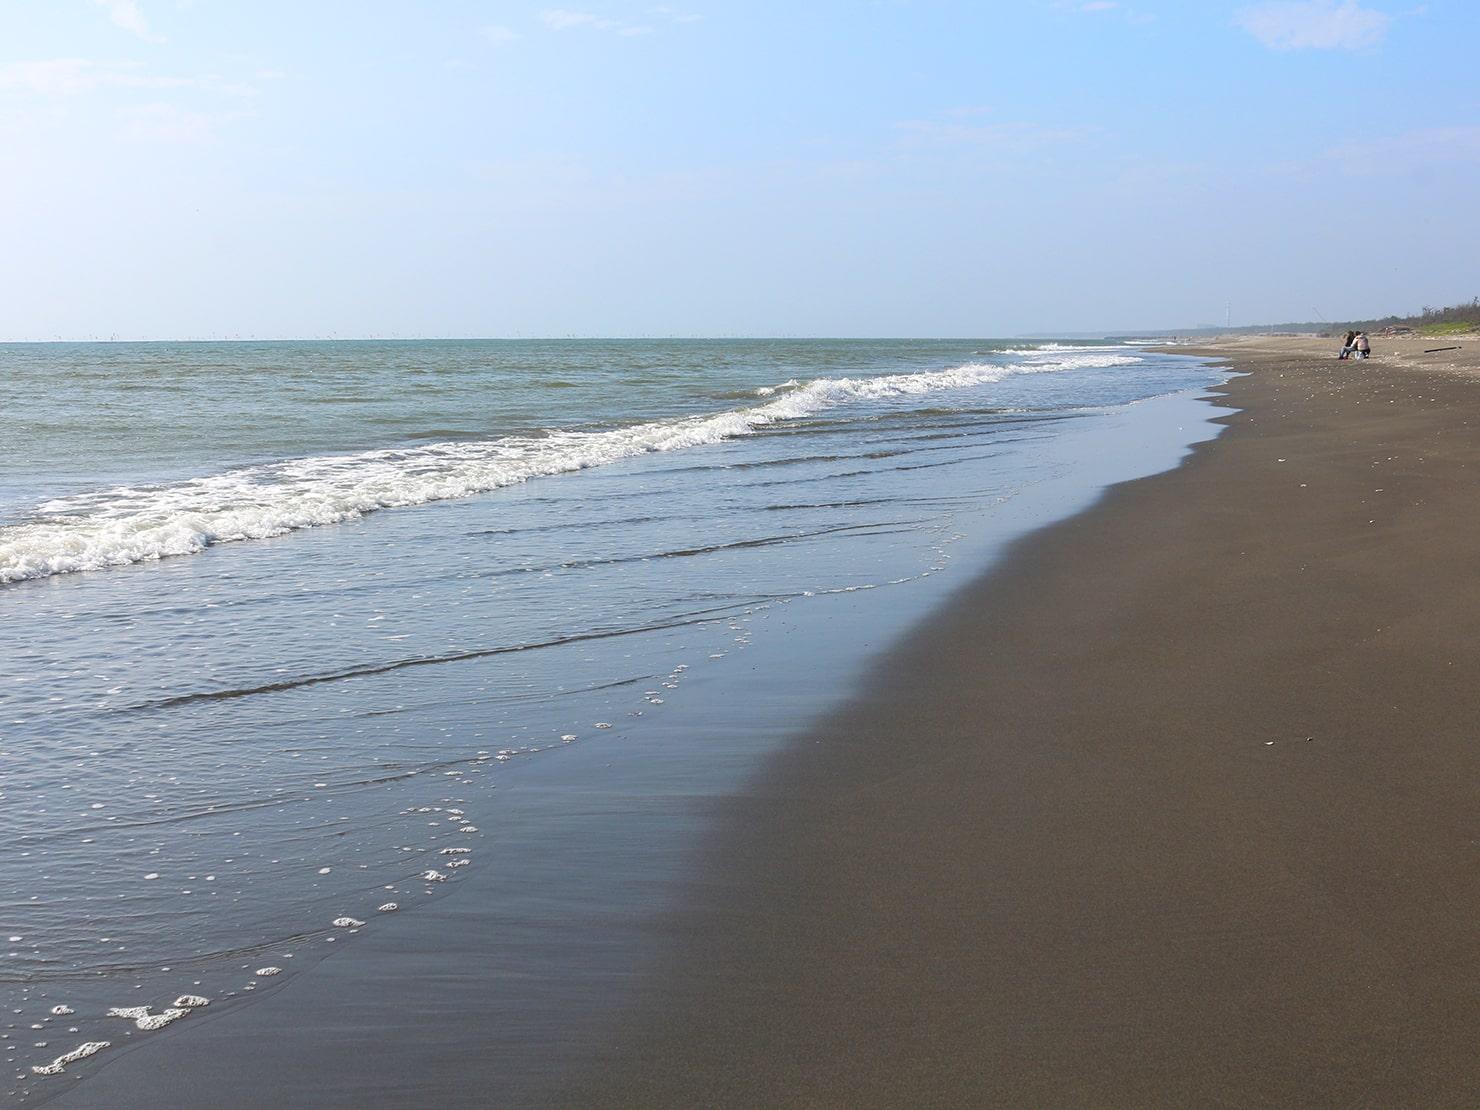 台南市街郊外のおすすめ観光スポット「台江國家公園」の海岸